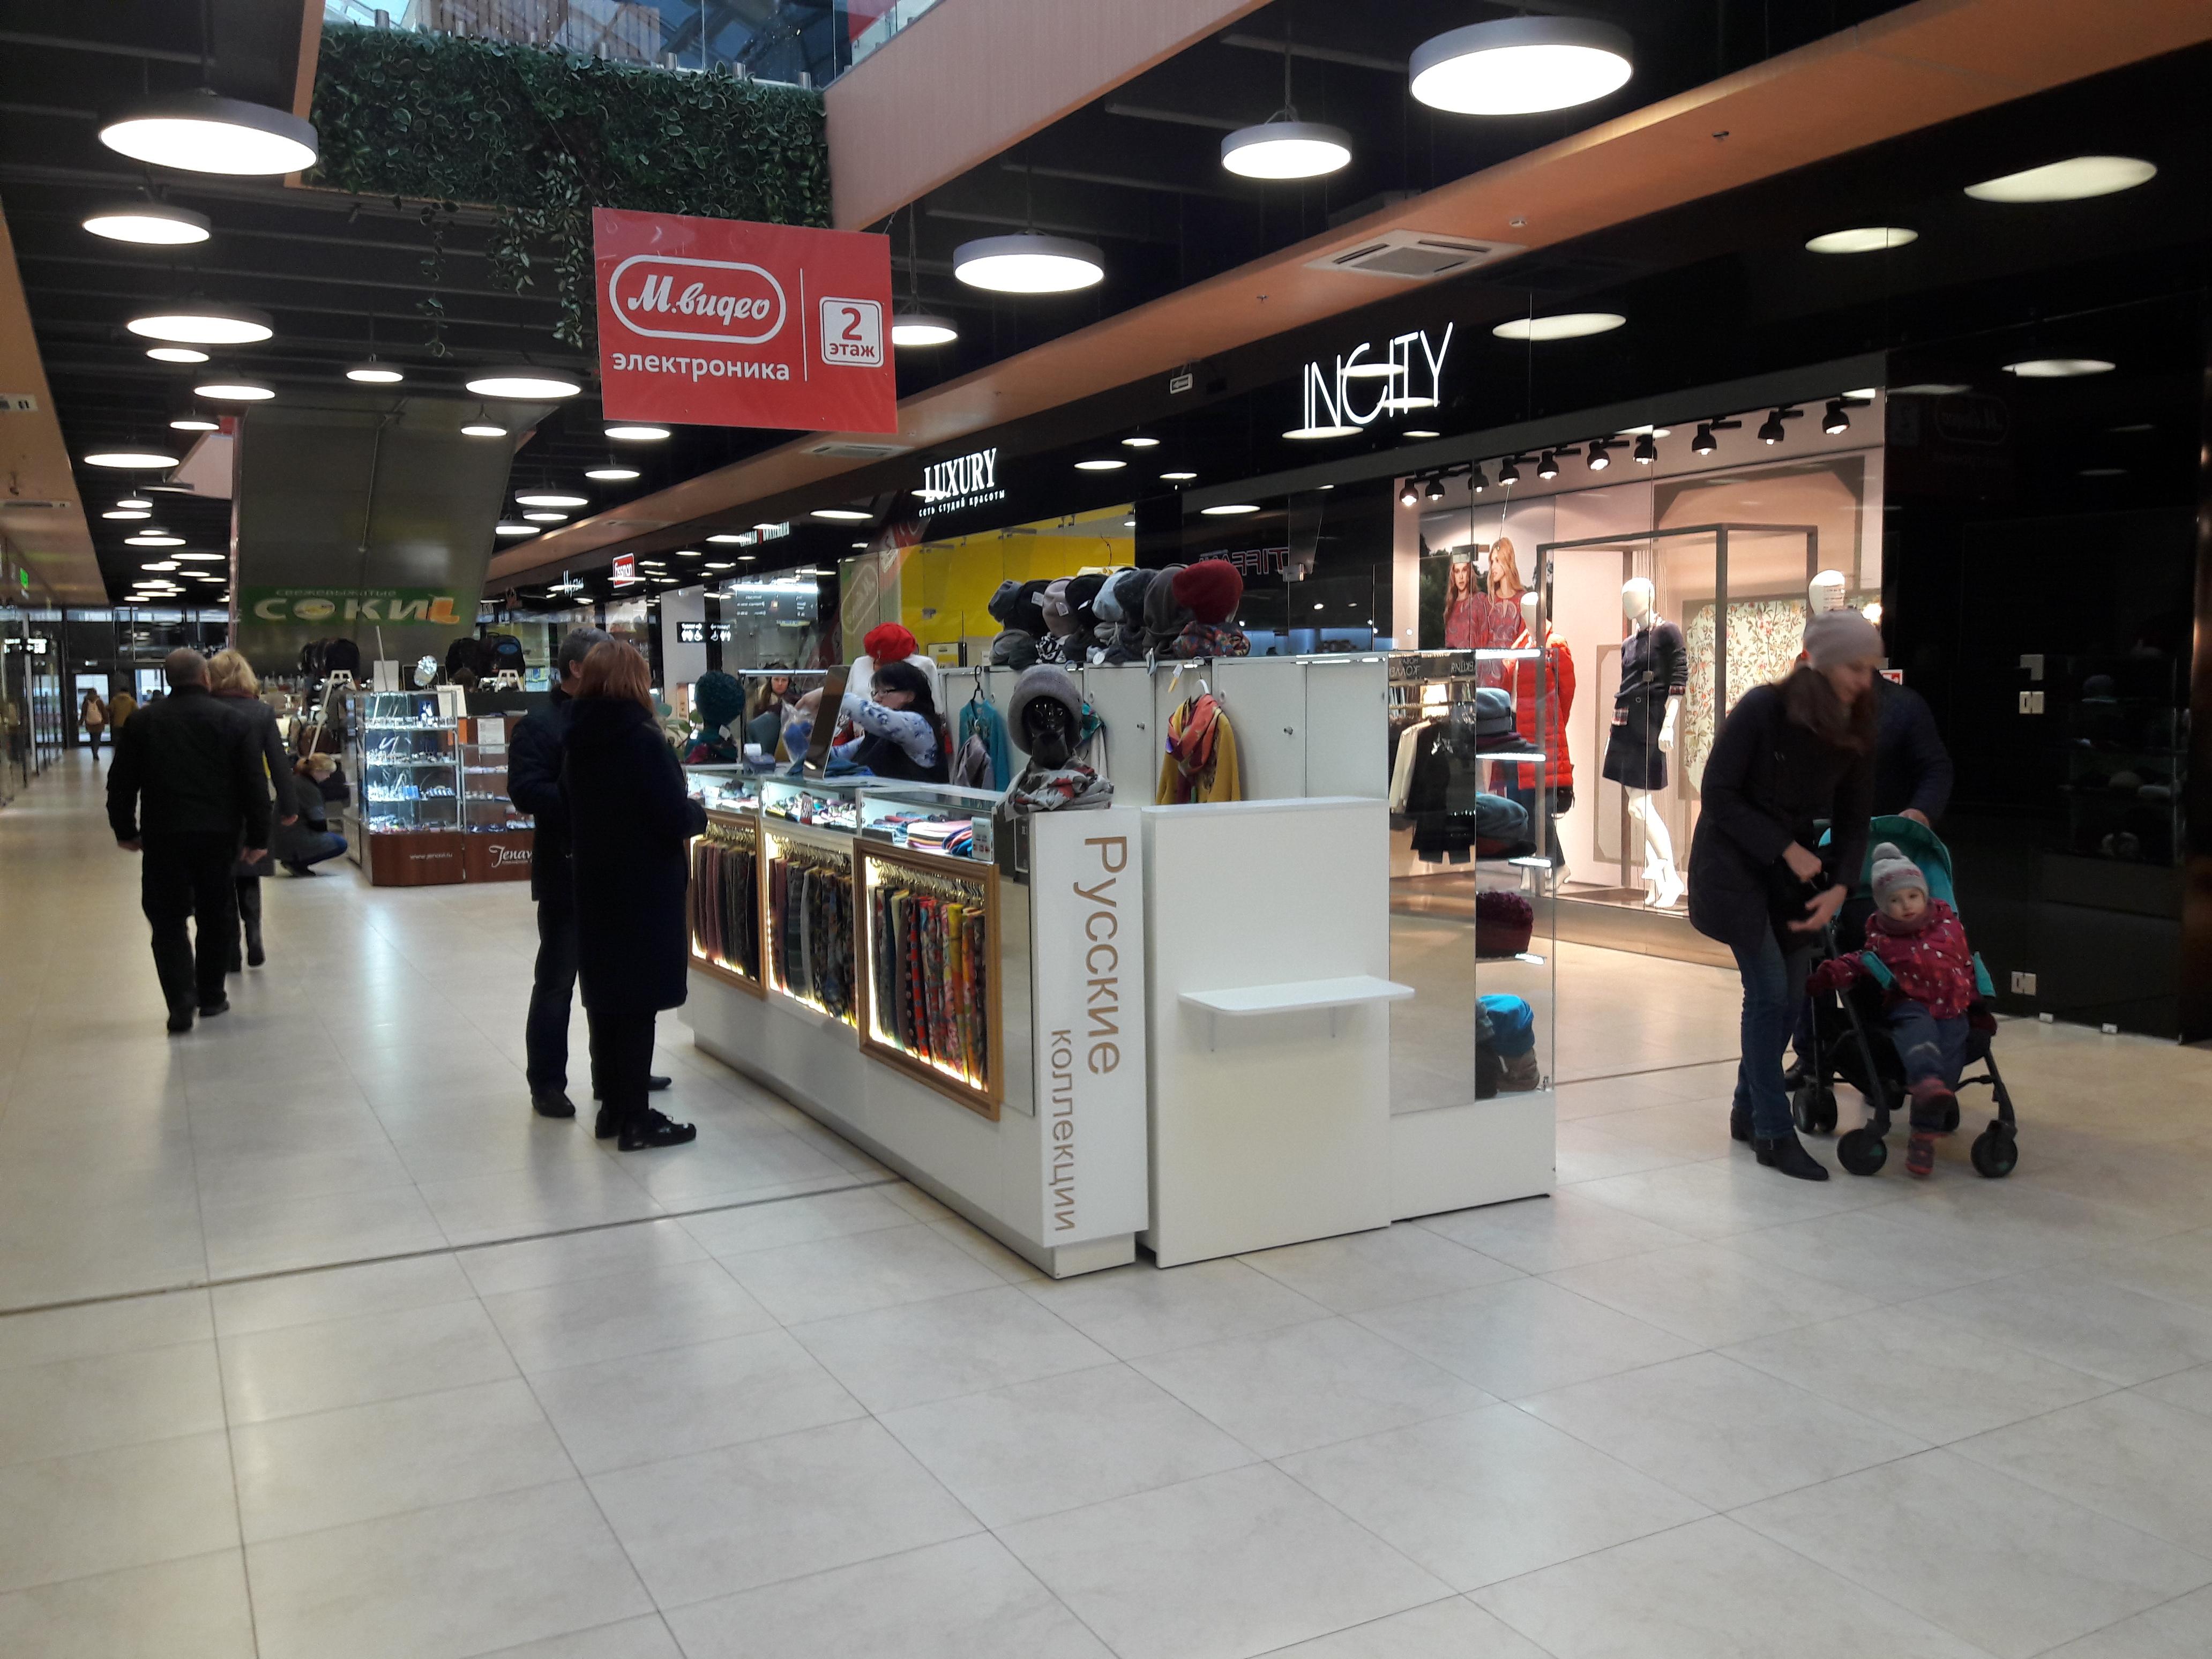 Магазин Русские коллекции расположен в ТК Электра в Санкт-Петербурге